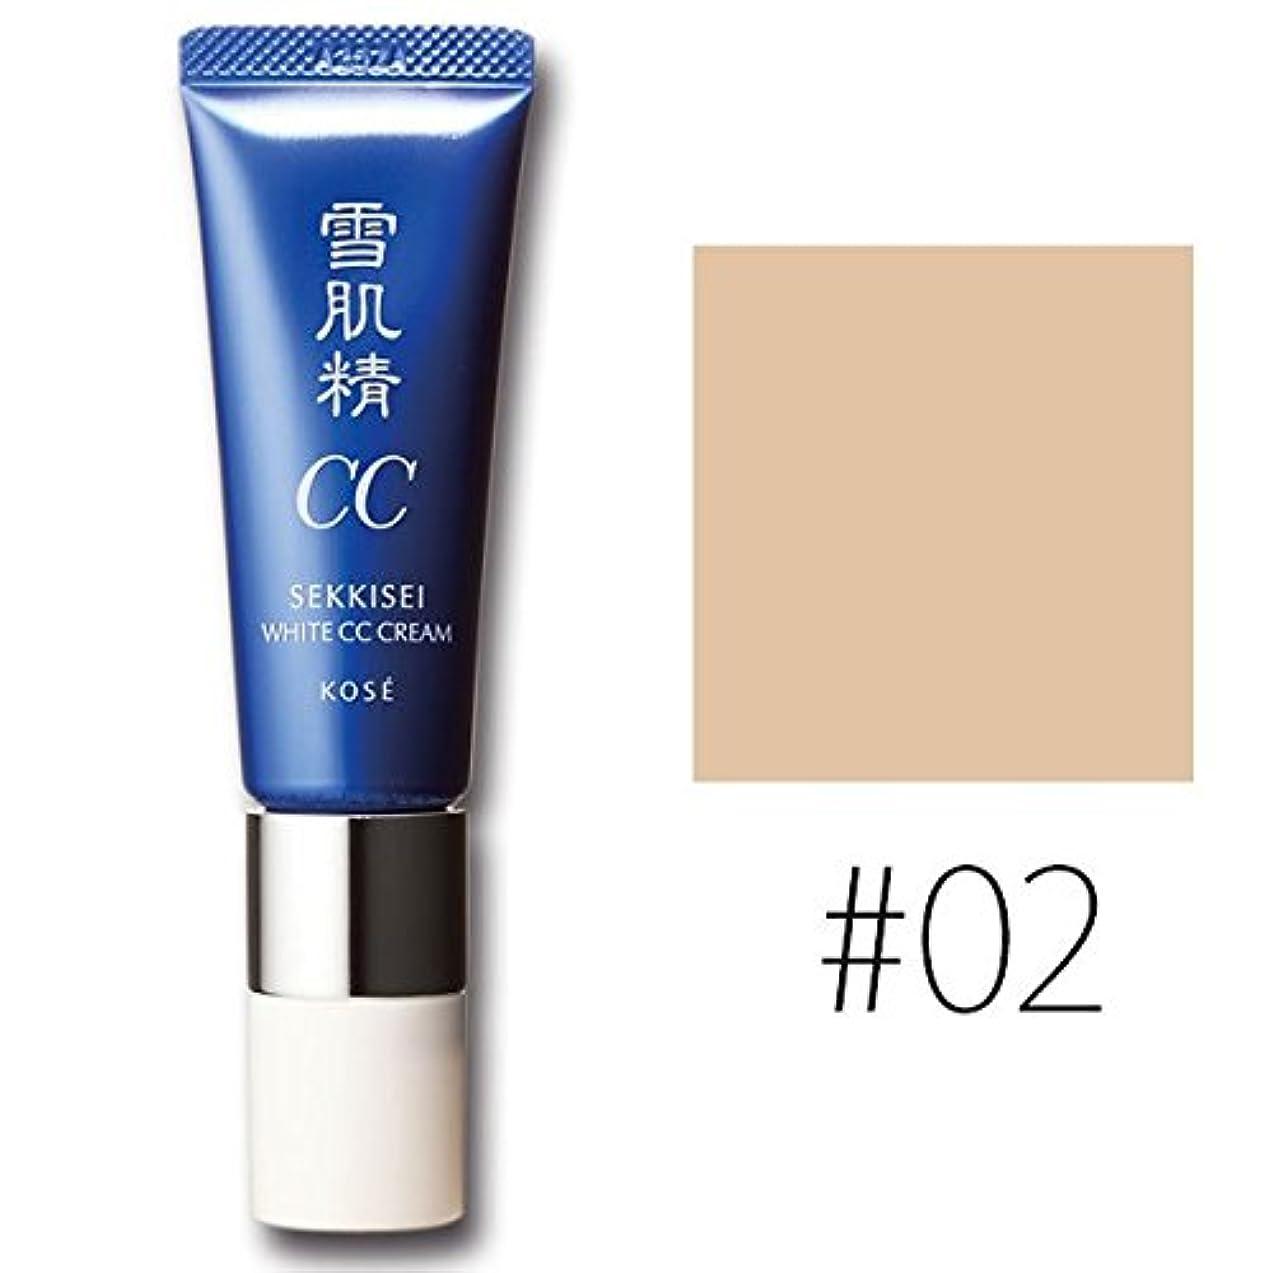 敬の念非効率的な繁栄コーセー 雪肌精 ホワイト CCクリーム【#02】 #OCHRE SPF50+/PA++++ 30g